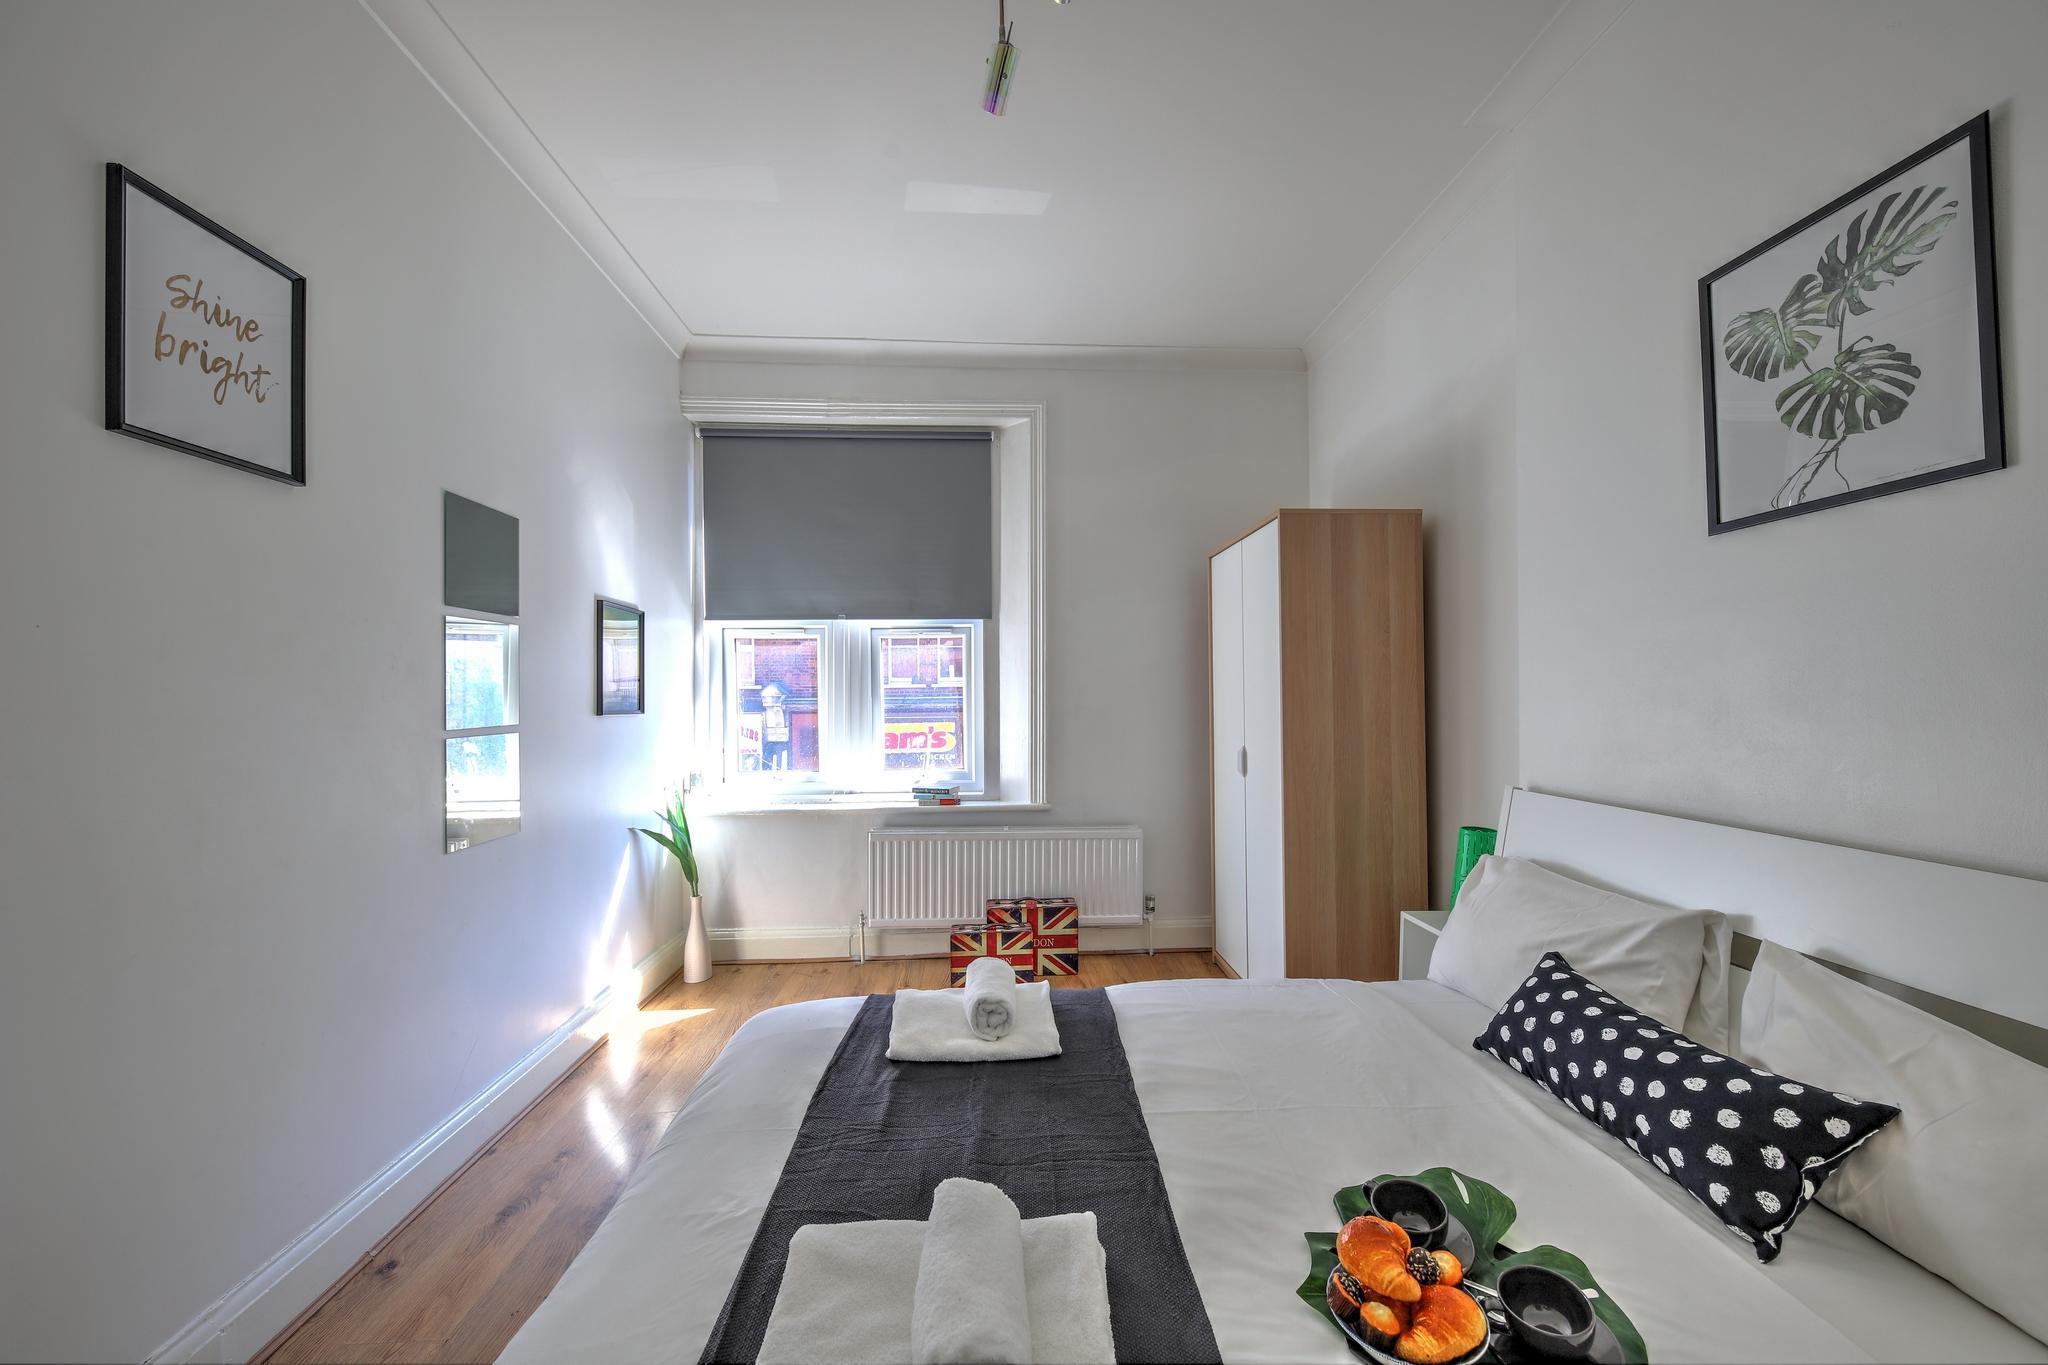 2 Bedroom Apartment #30.2B Discount